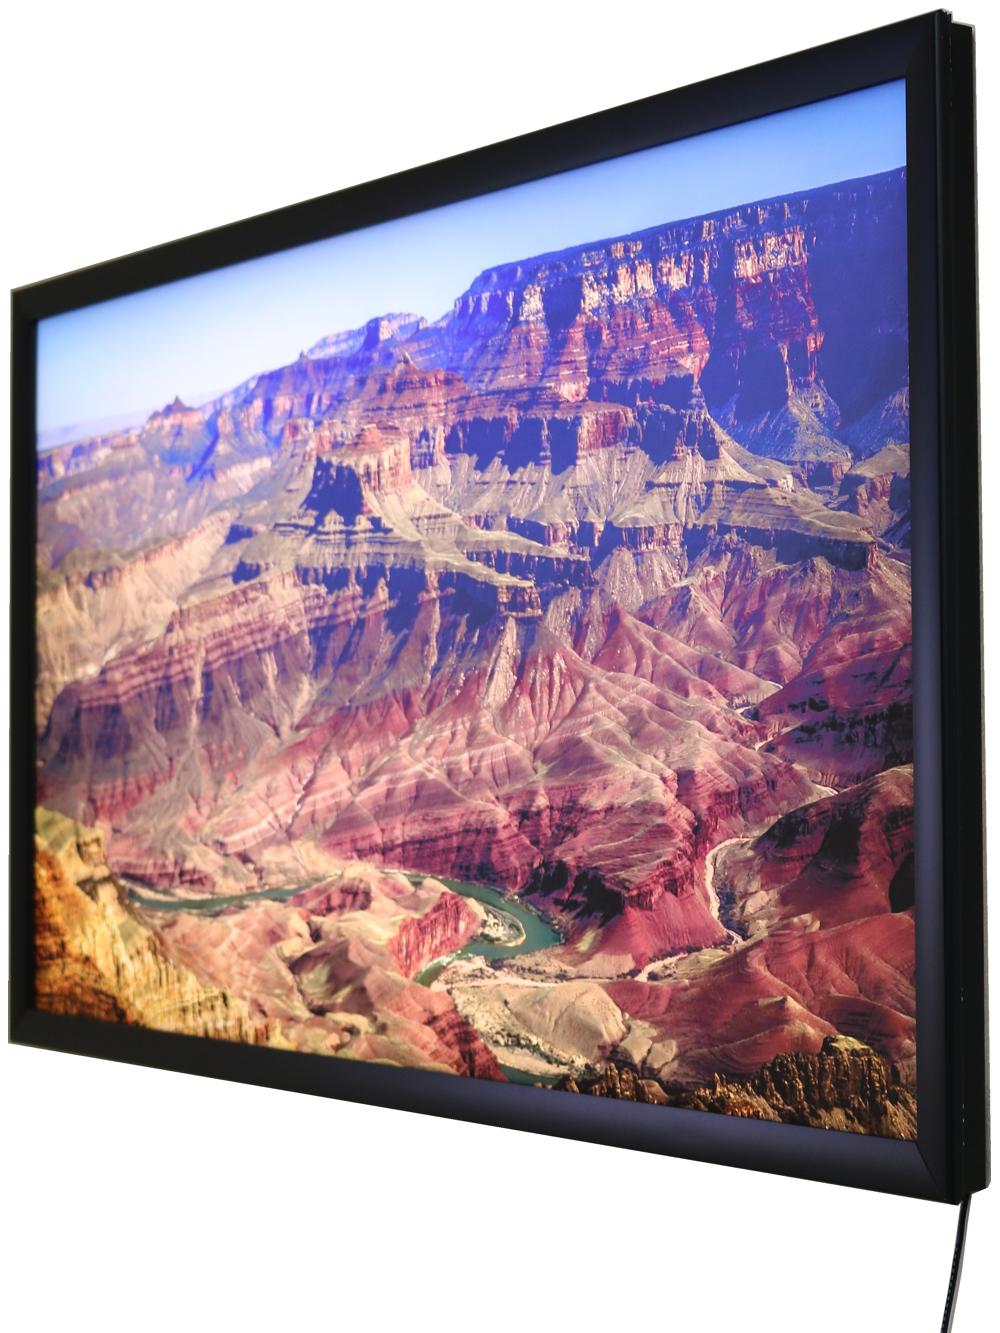 grand canyon image on light panel